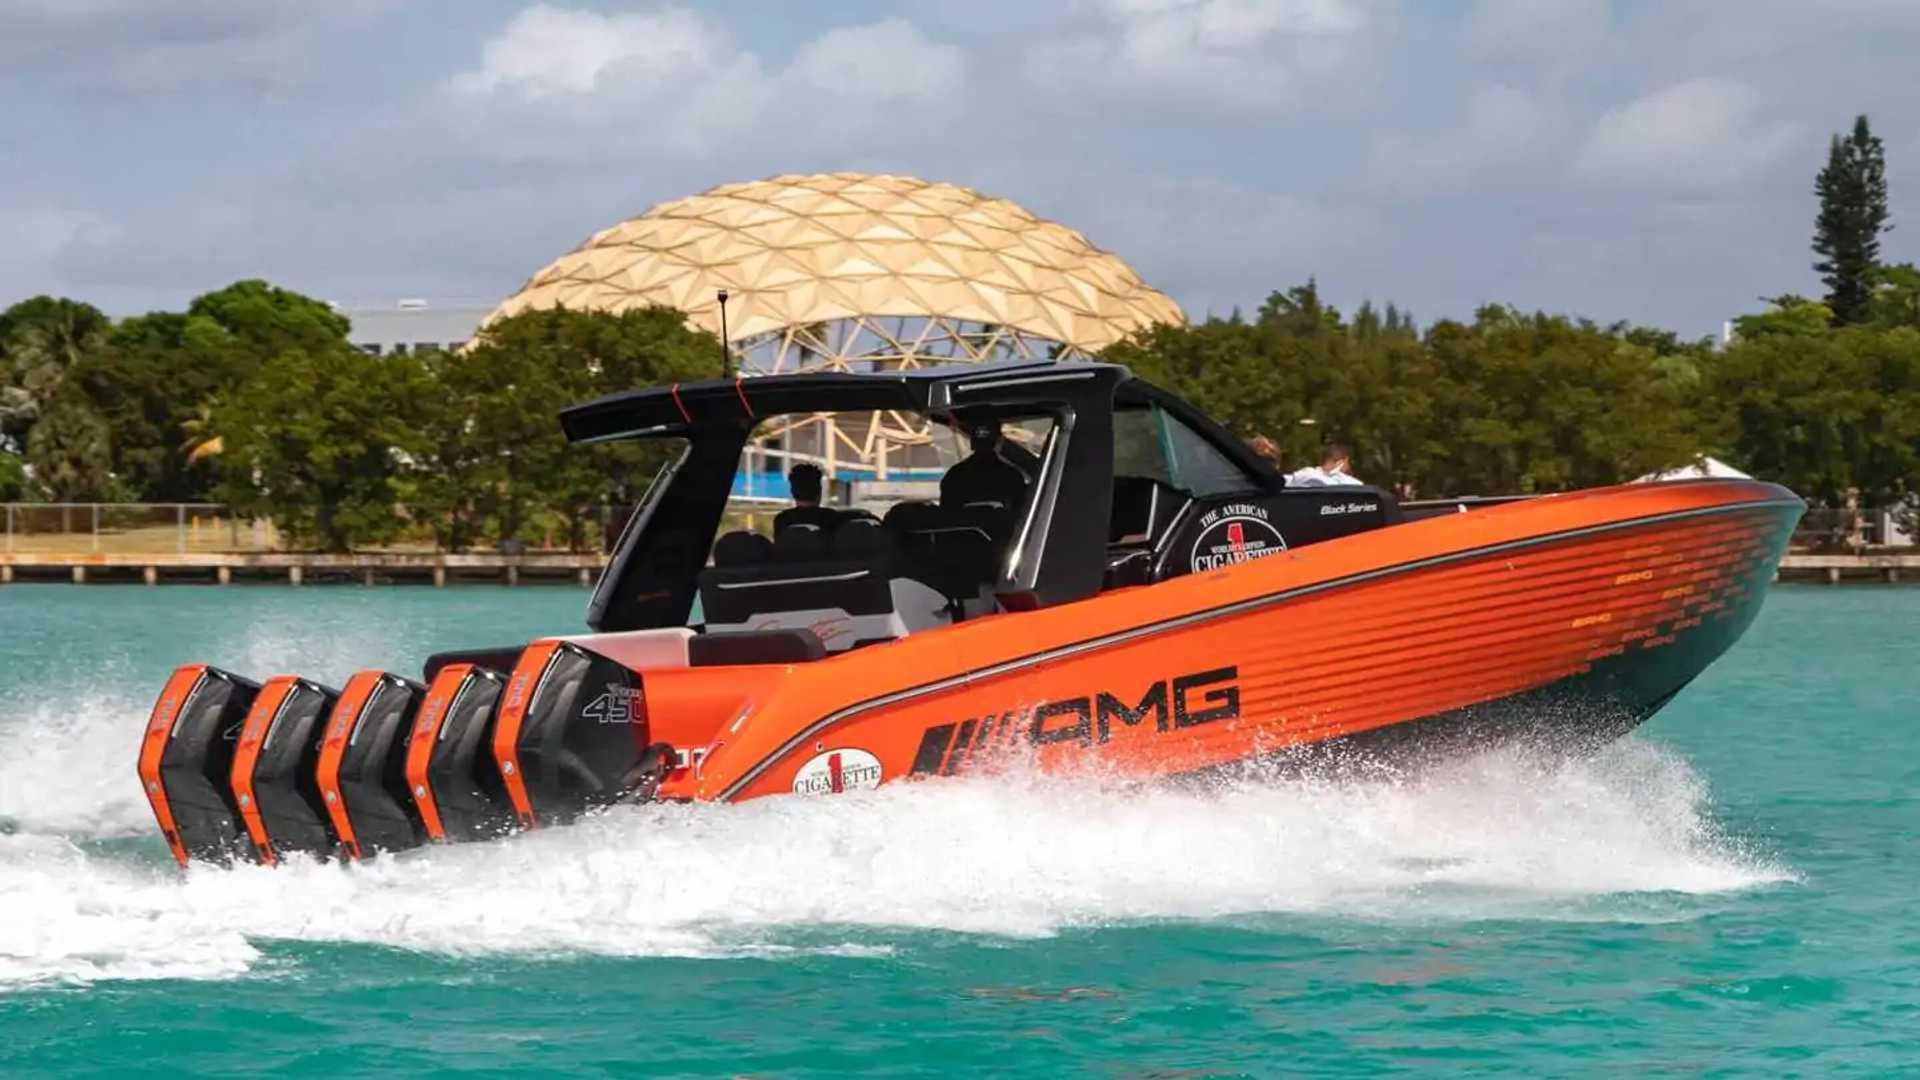 Mercedes-AMG's New Cigarette Boat Has 2,250 Horsepower